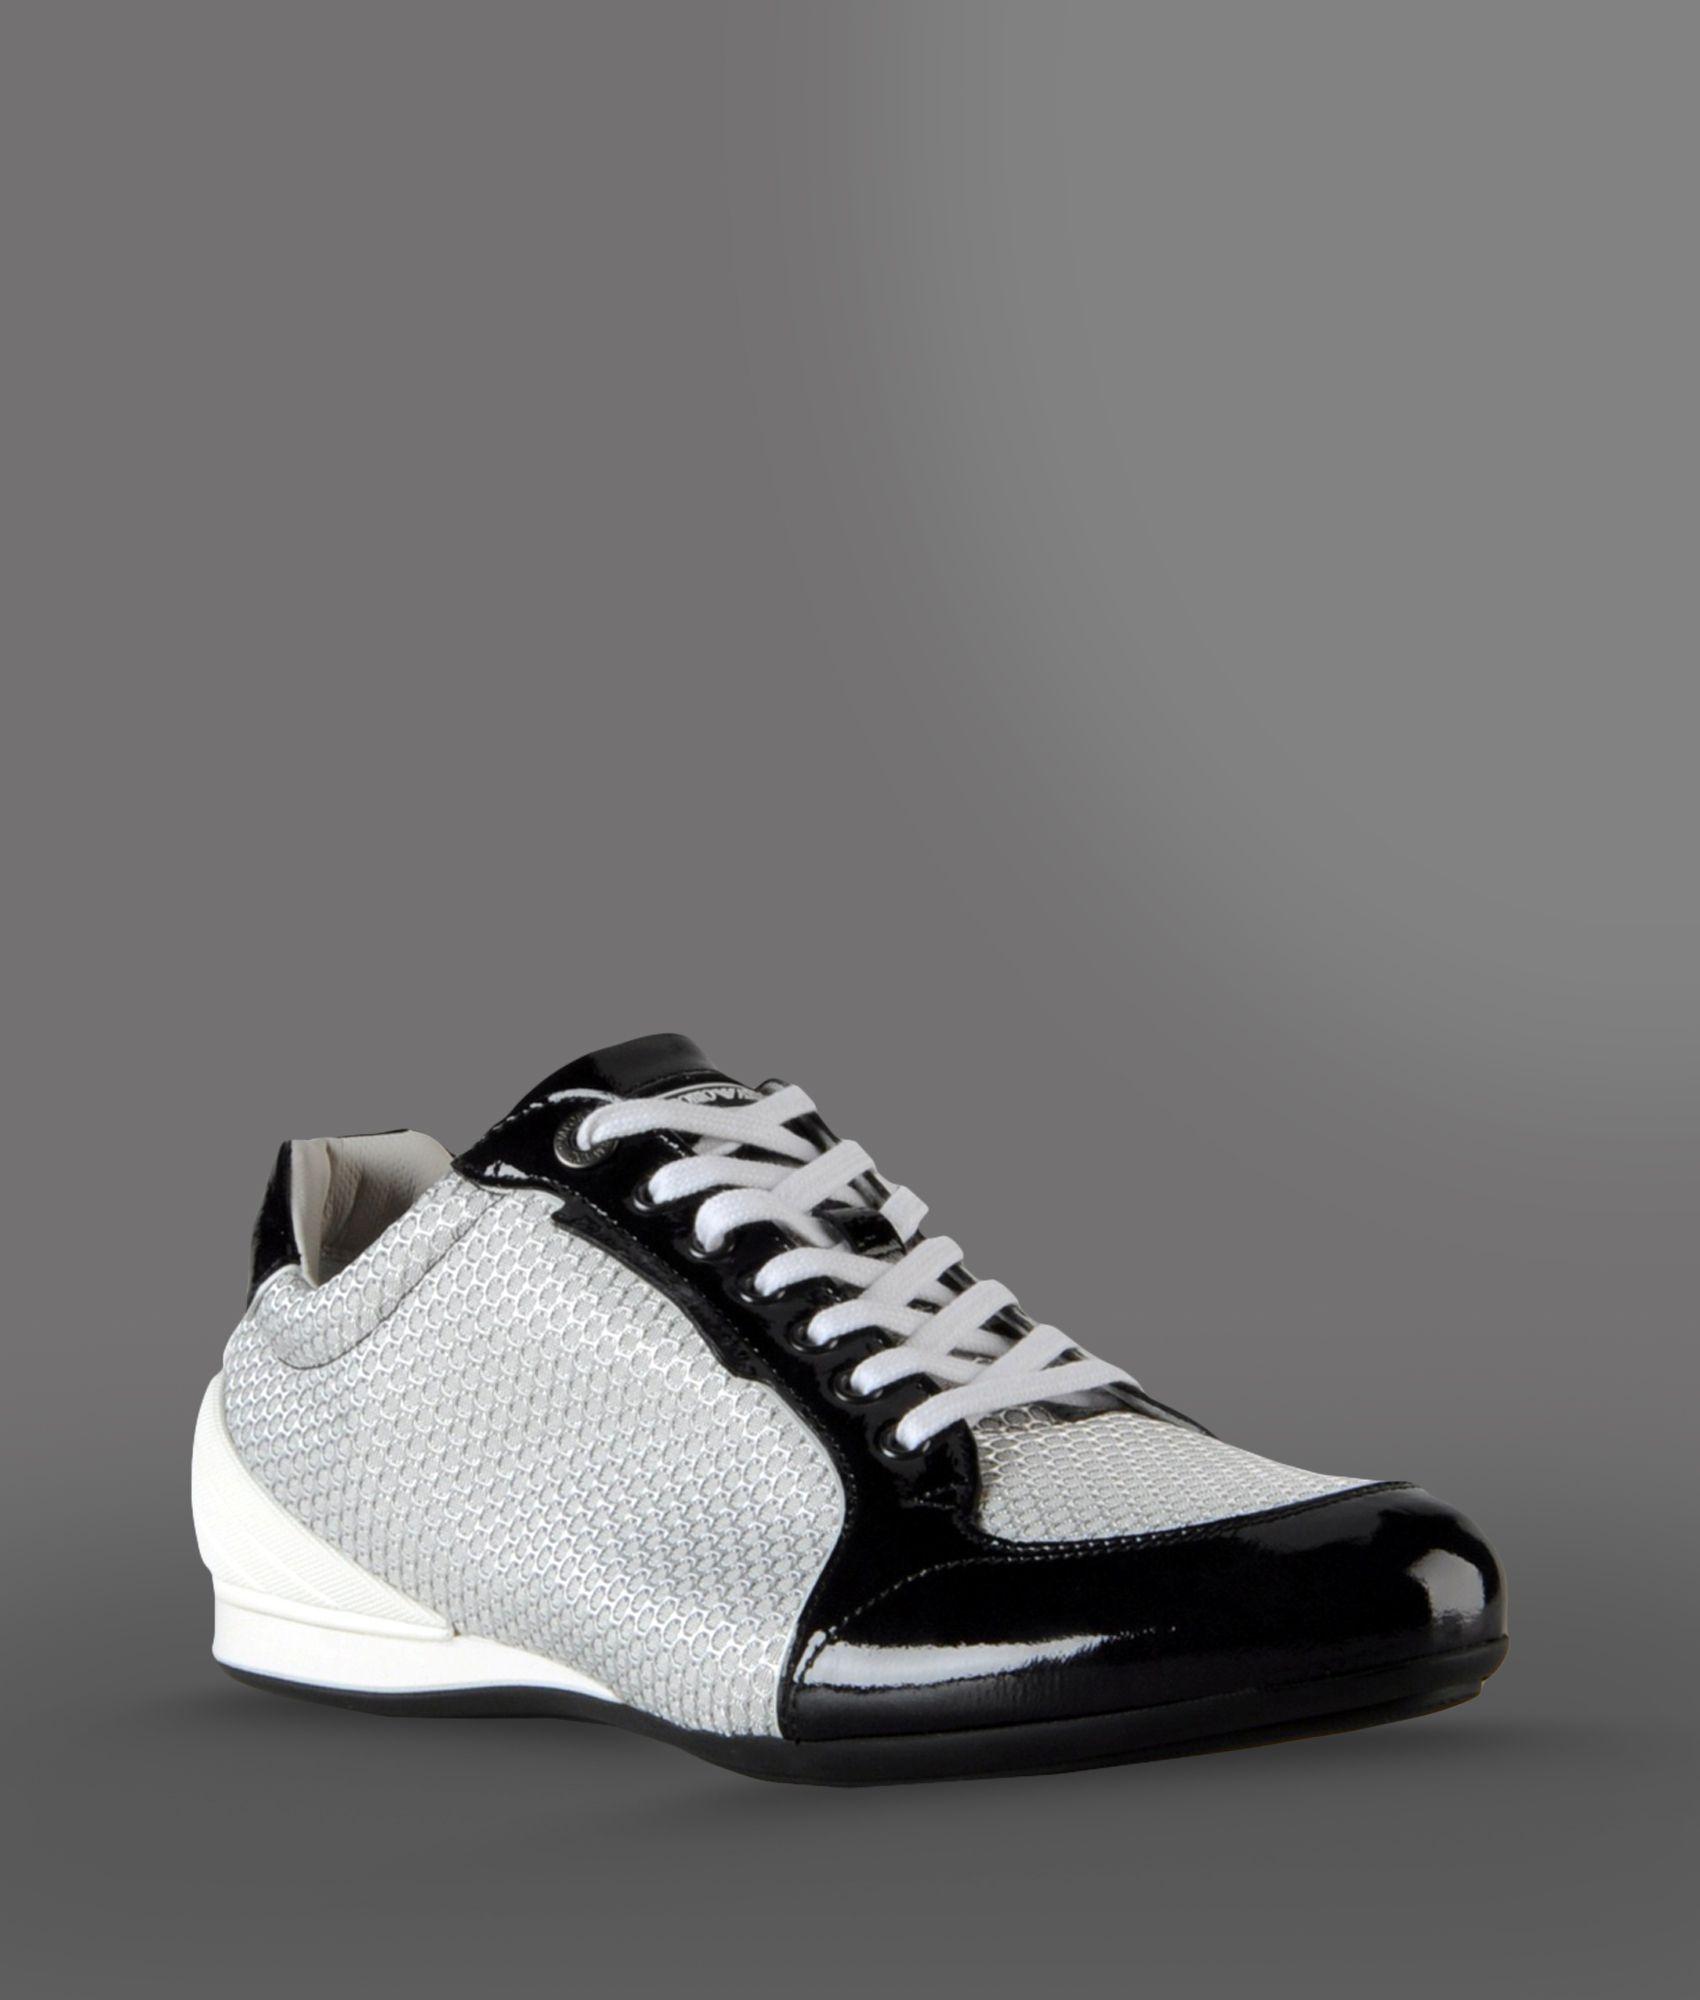 Giorgio Armani Mens Shoes Uk